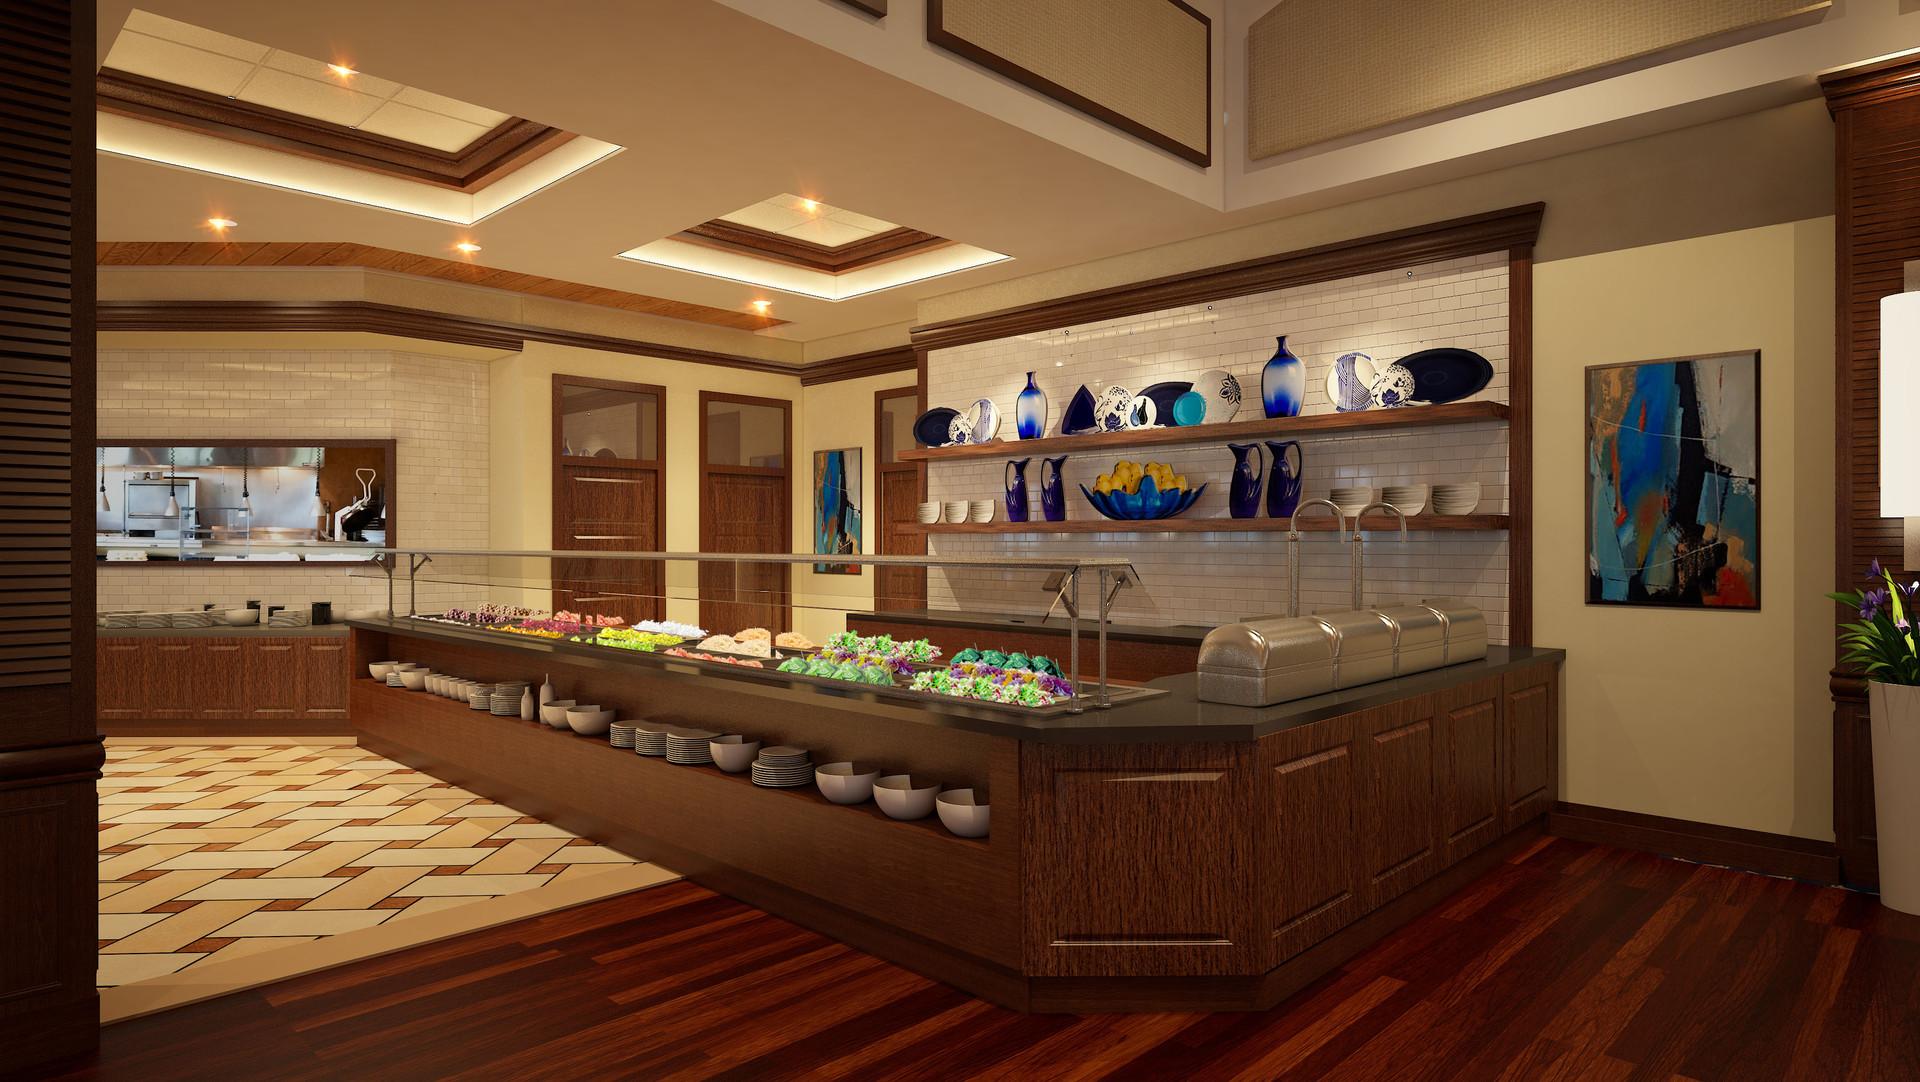 Grille room 3.jpg